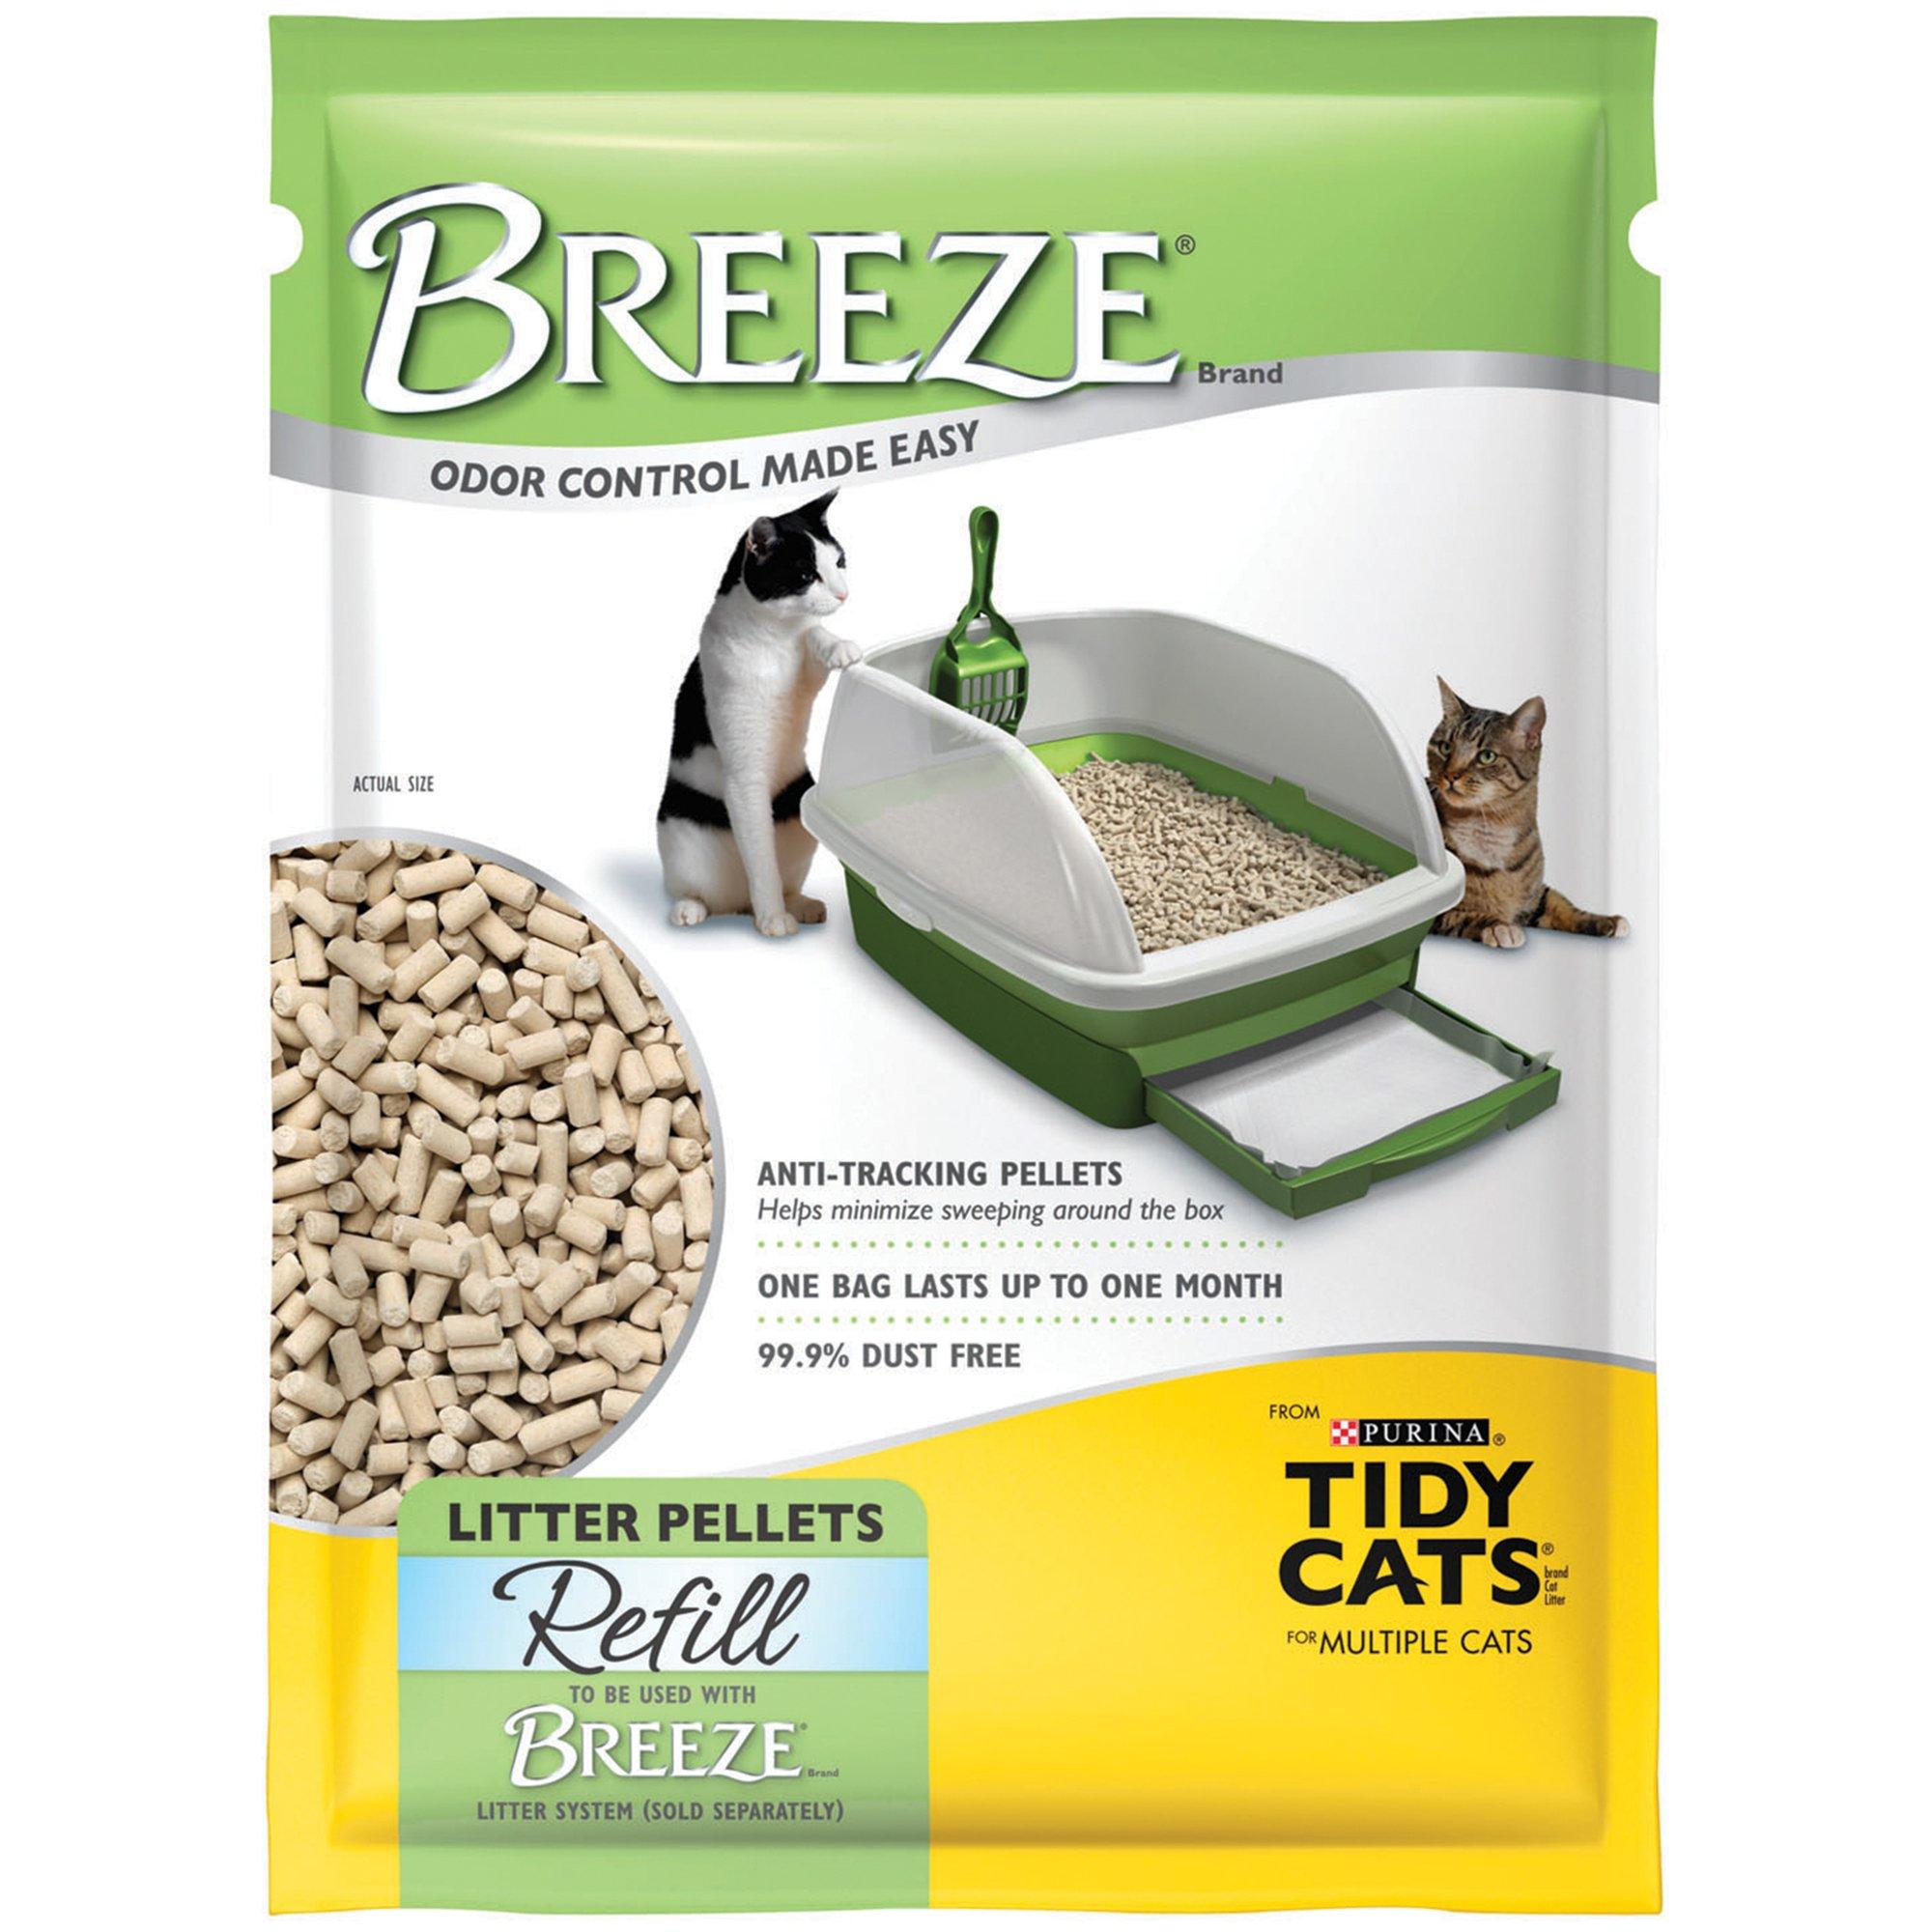 Purina Tidy Cats Breeze Pellets Refill Litter For Multiple Cats 3 5 Lbs Tidy Cats Tidy Cat Litter Best Clumping Cat Litter